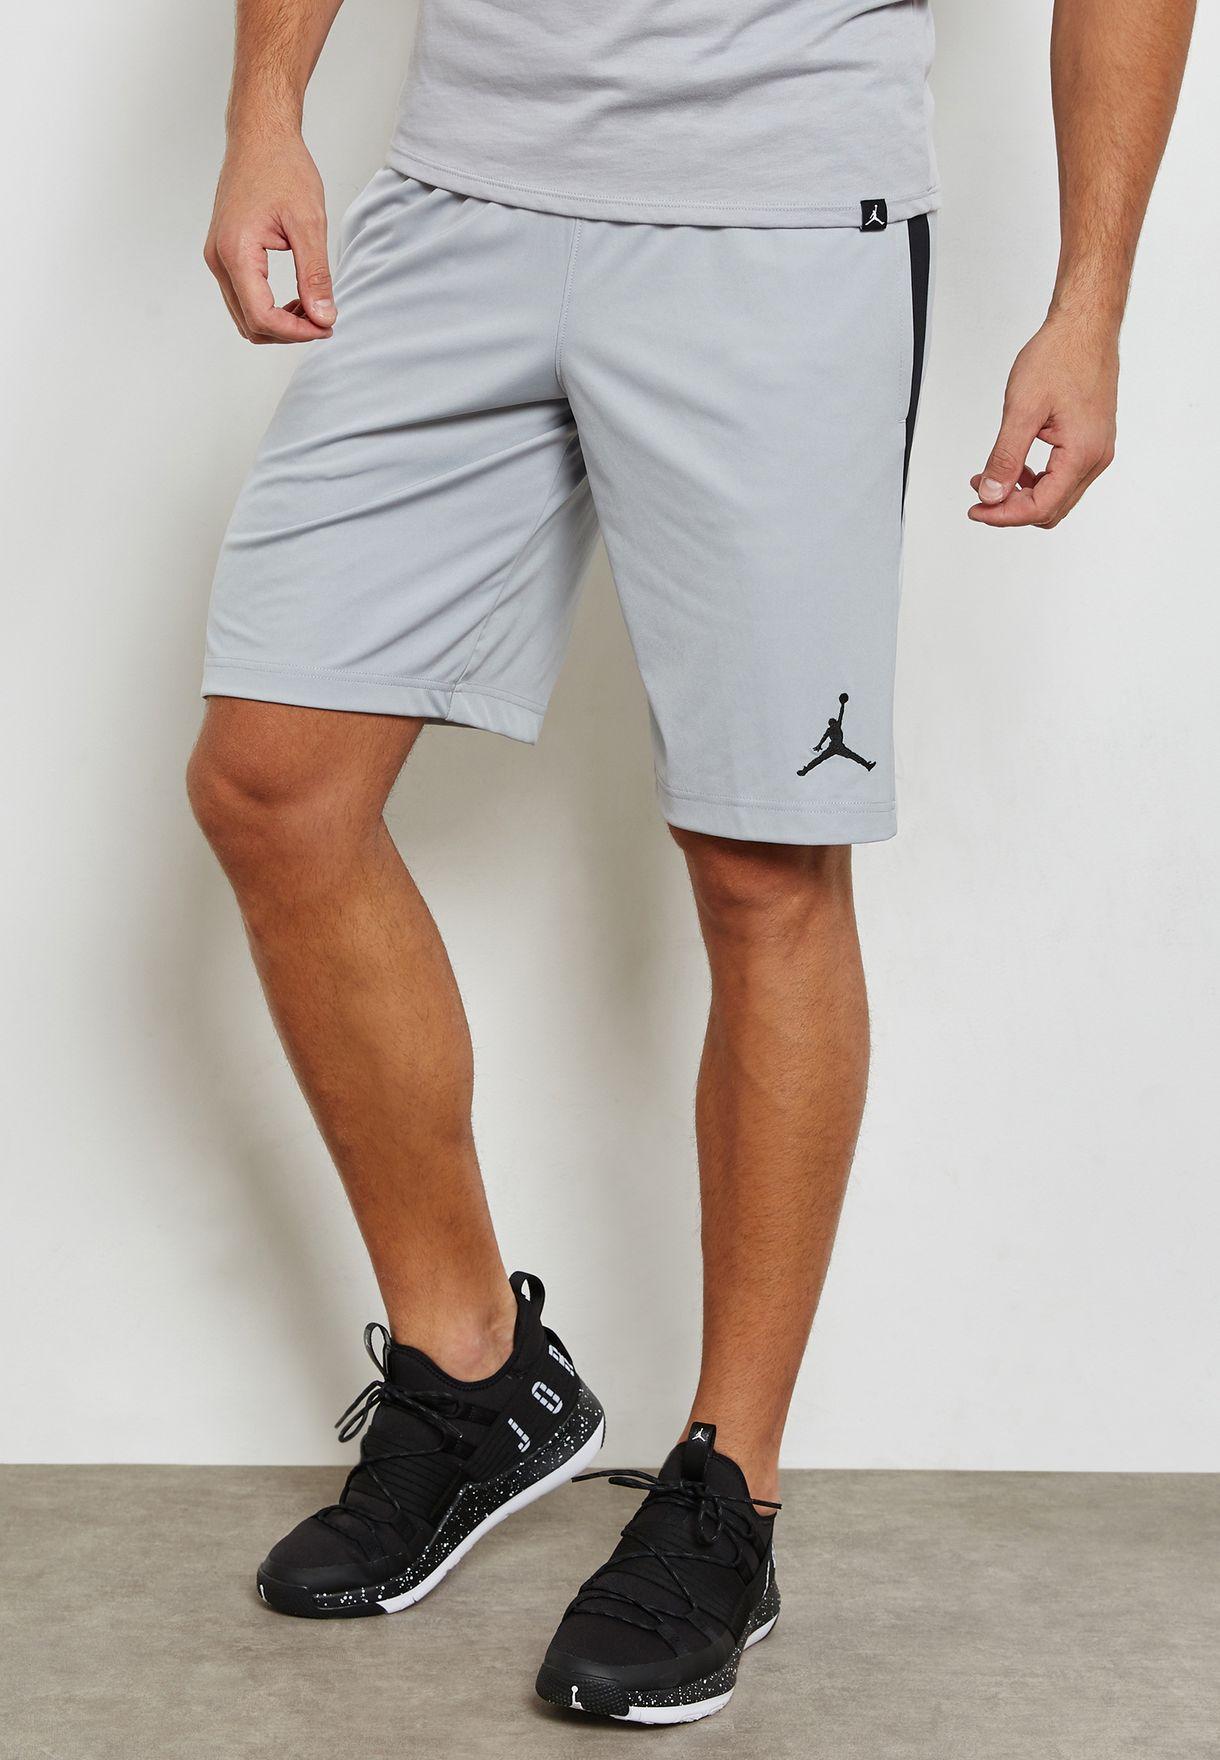 3f3cf0d26eaf5 Shop Nike grey Jordan Dri-FIT 23 Alpha Knit Shorts 905782-012 for ...